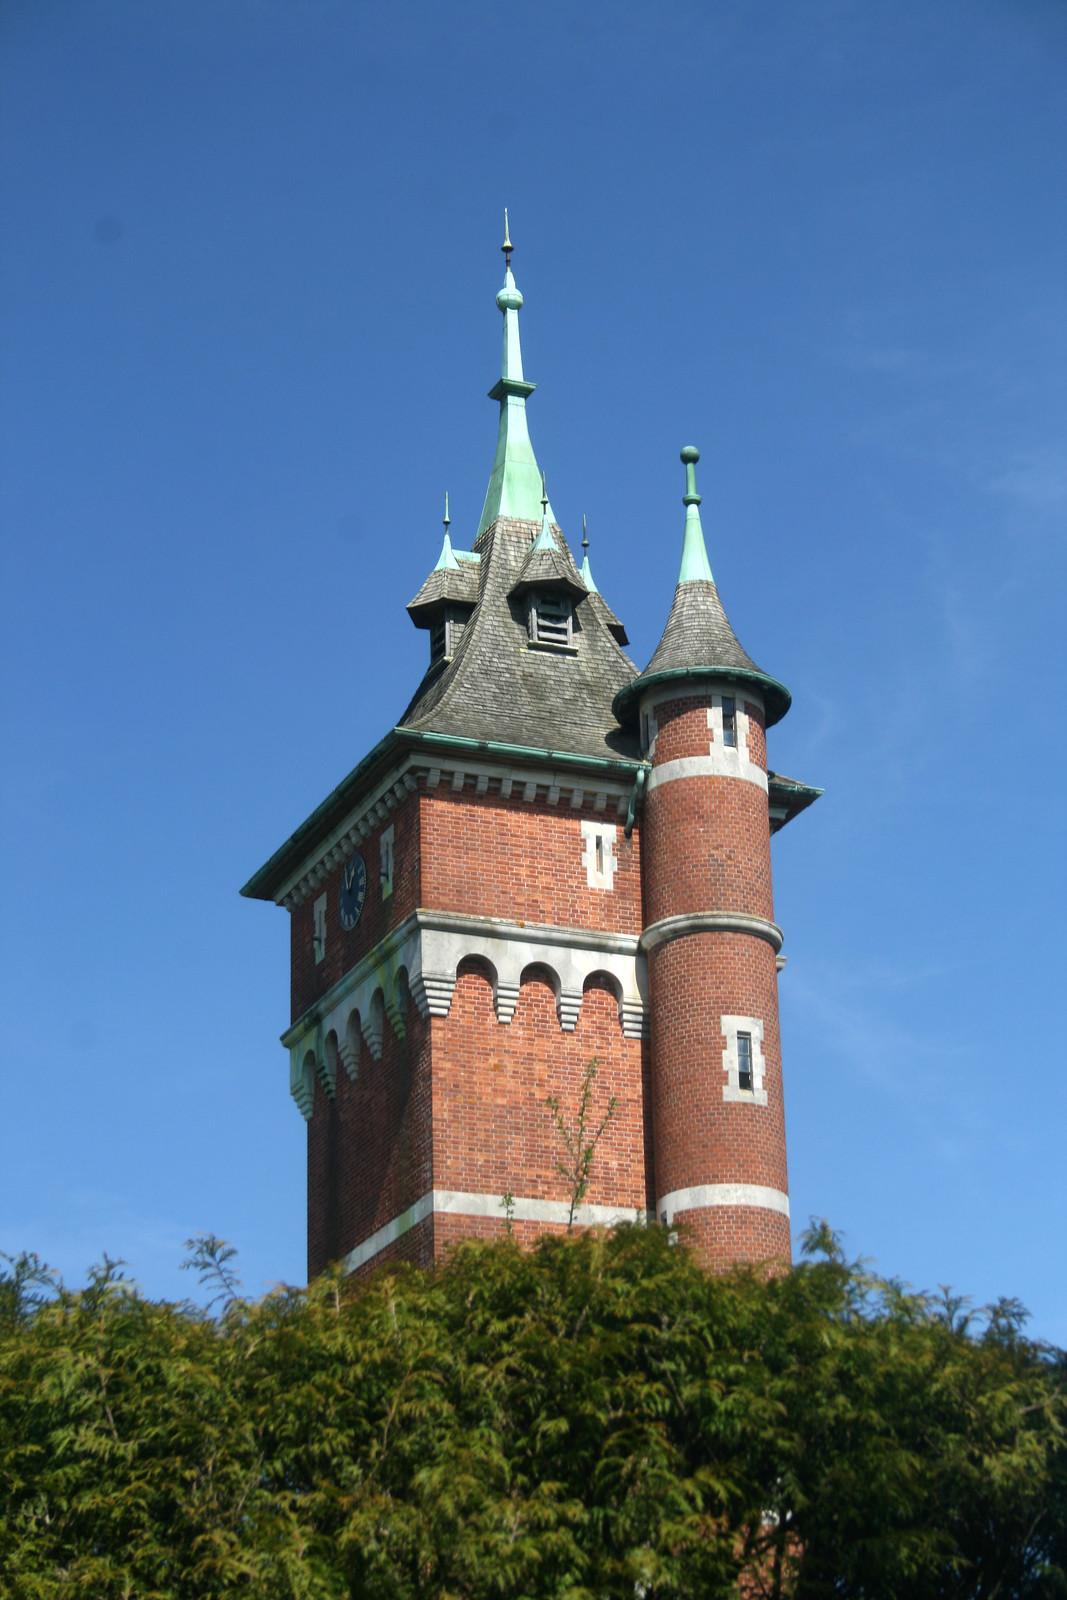 Old water tower near Warnham